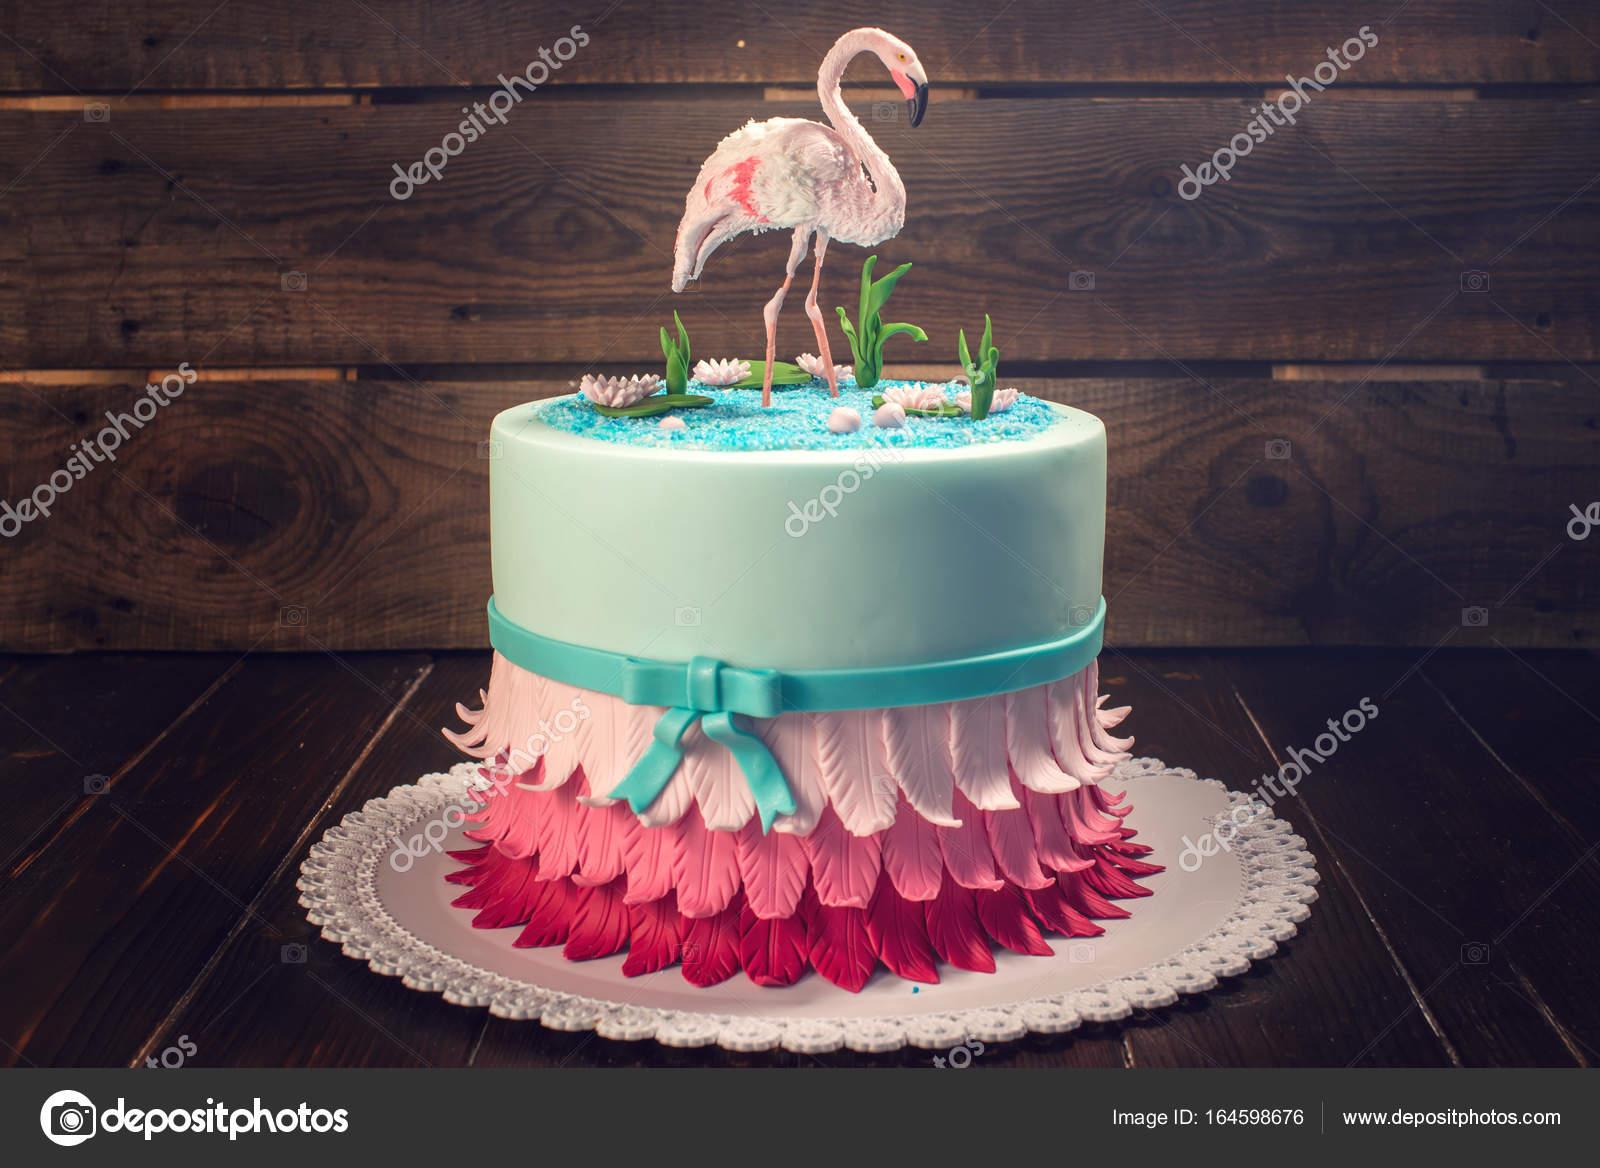 Mooie Taart Gedecoreerd Met Een Figuur Van Roze Flamingos In De